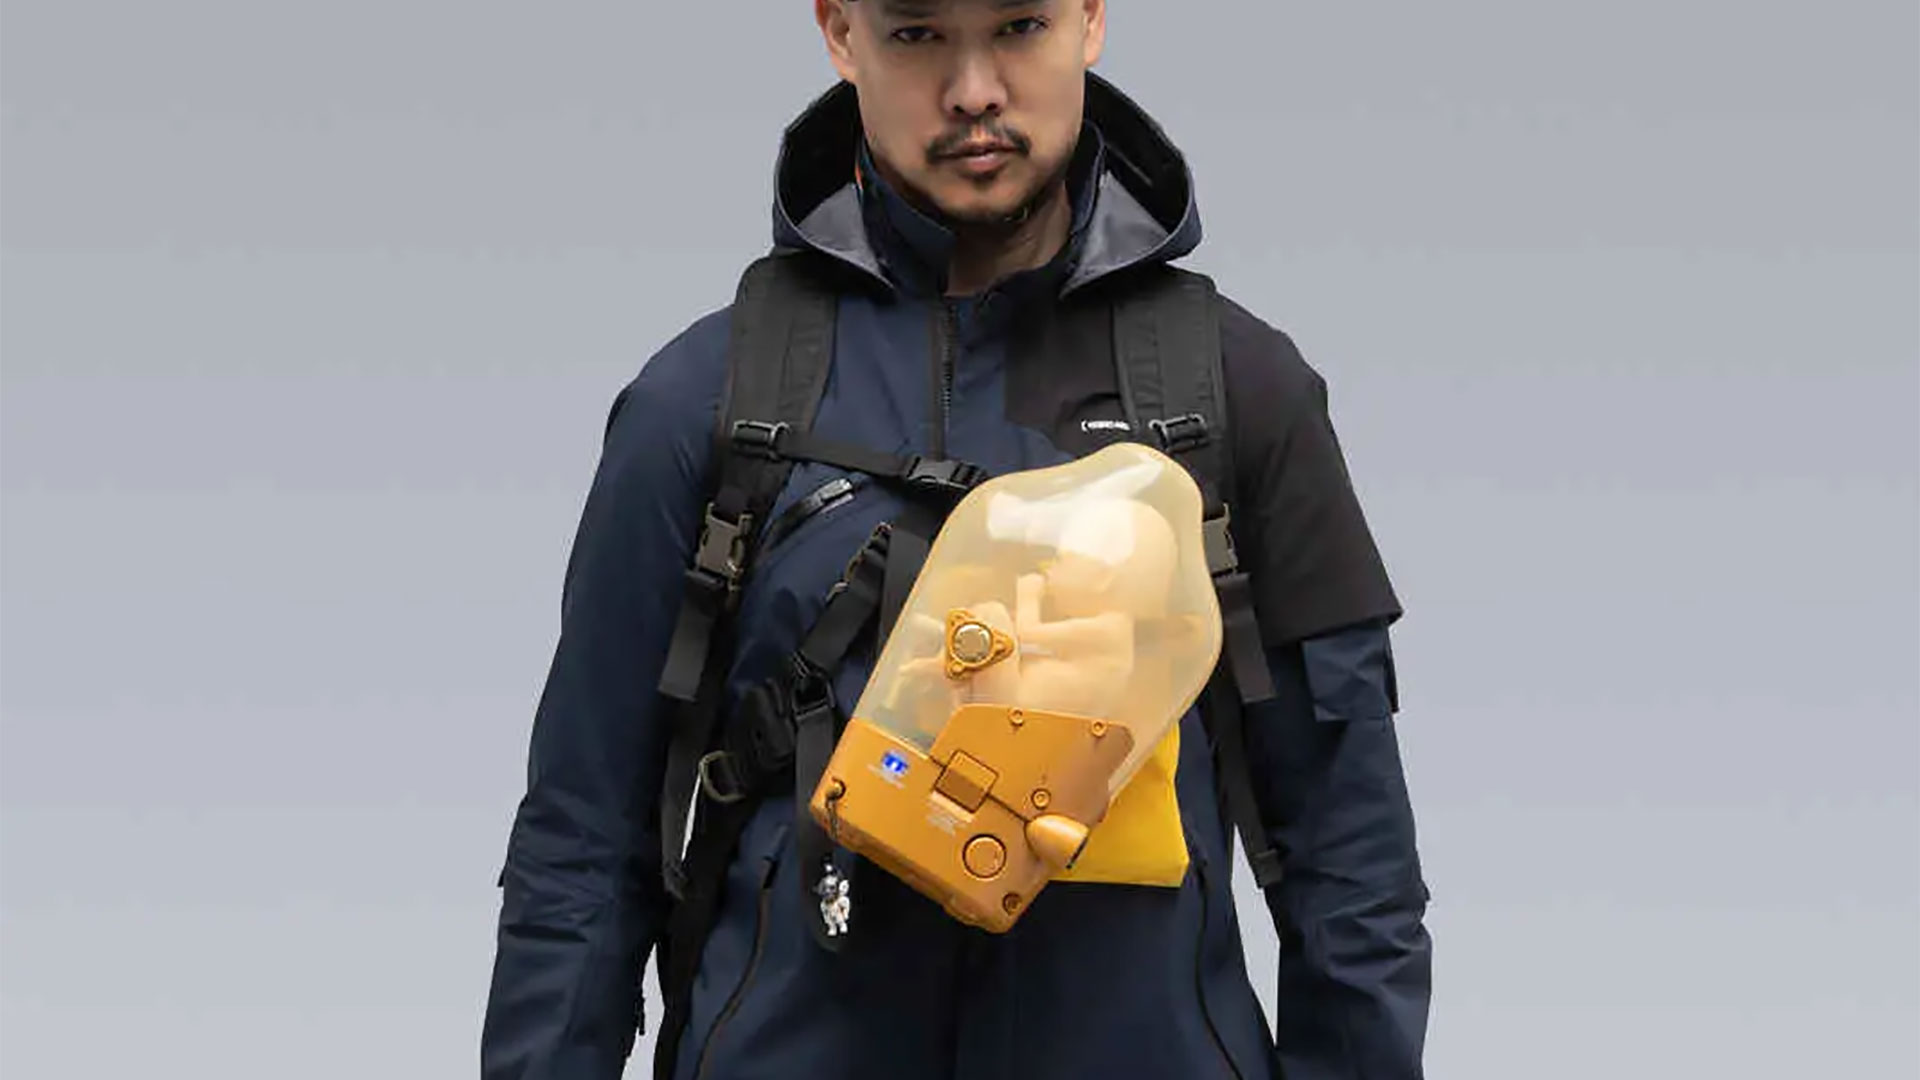 La giacca ufficiale Death Stranding costa 1900$, e va a ruba thumbnail